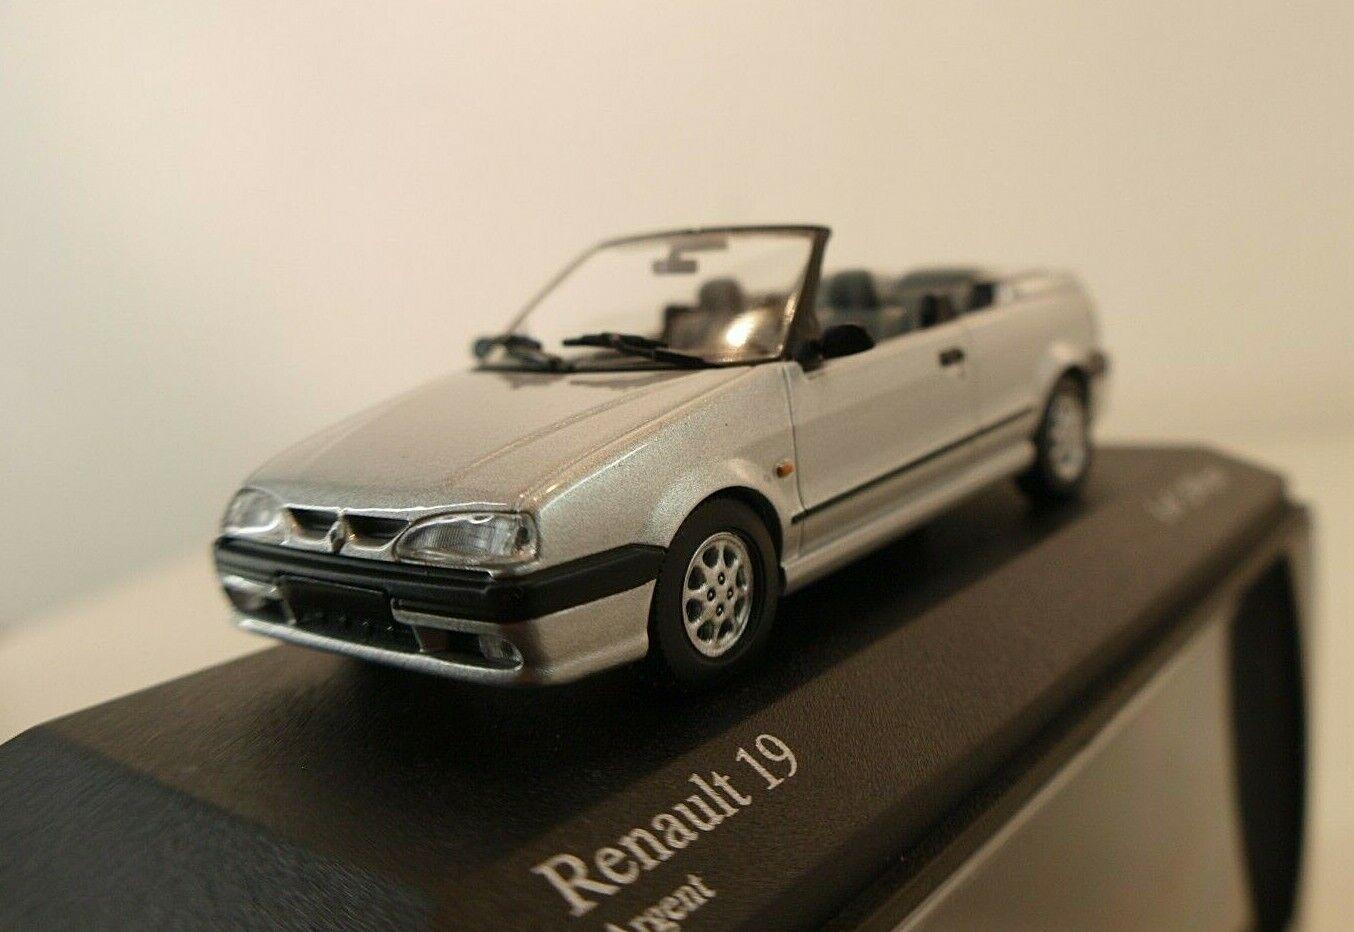 Minichamps n° 400 113730 Renault 19 Cabriolet 1992 neuf boite 1 43 edn limitée